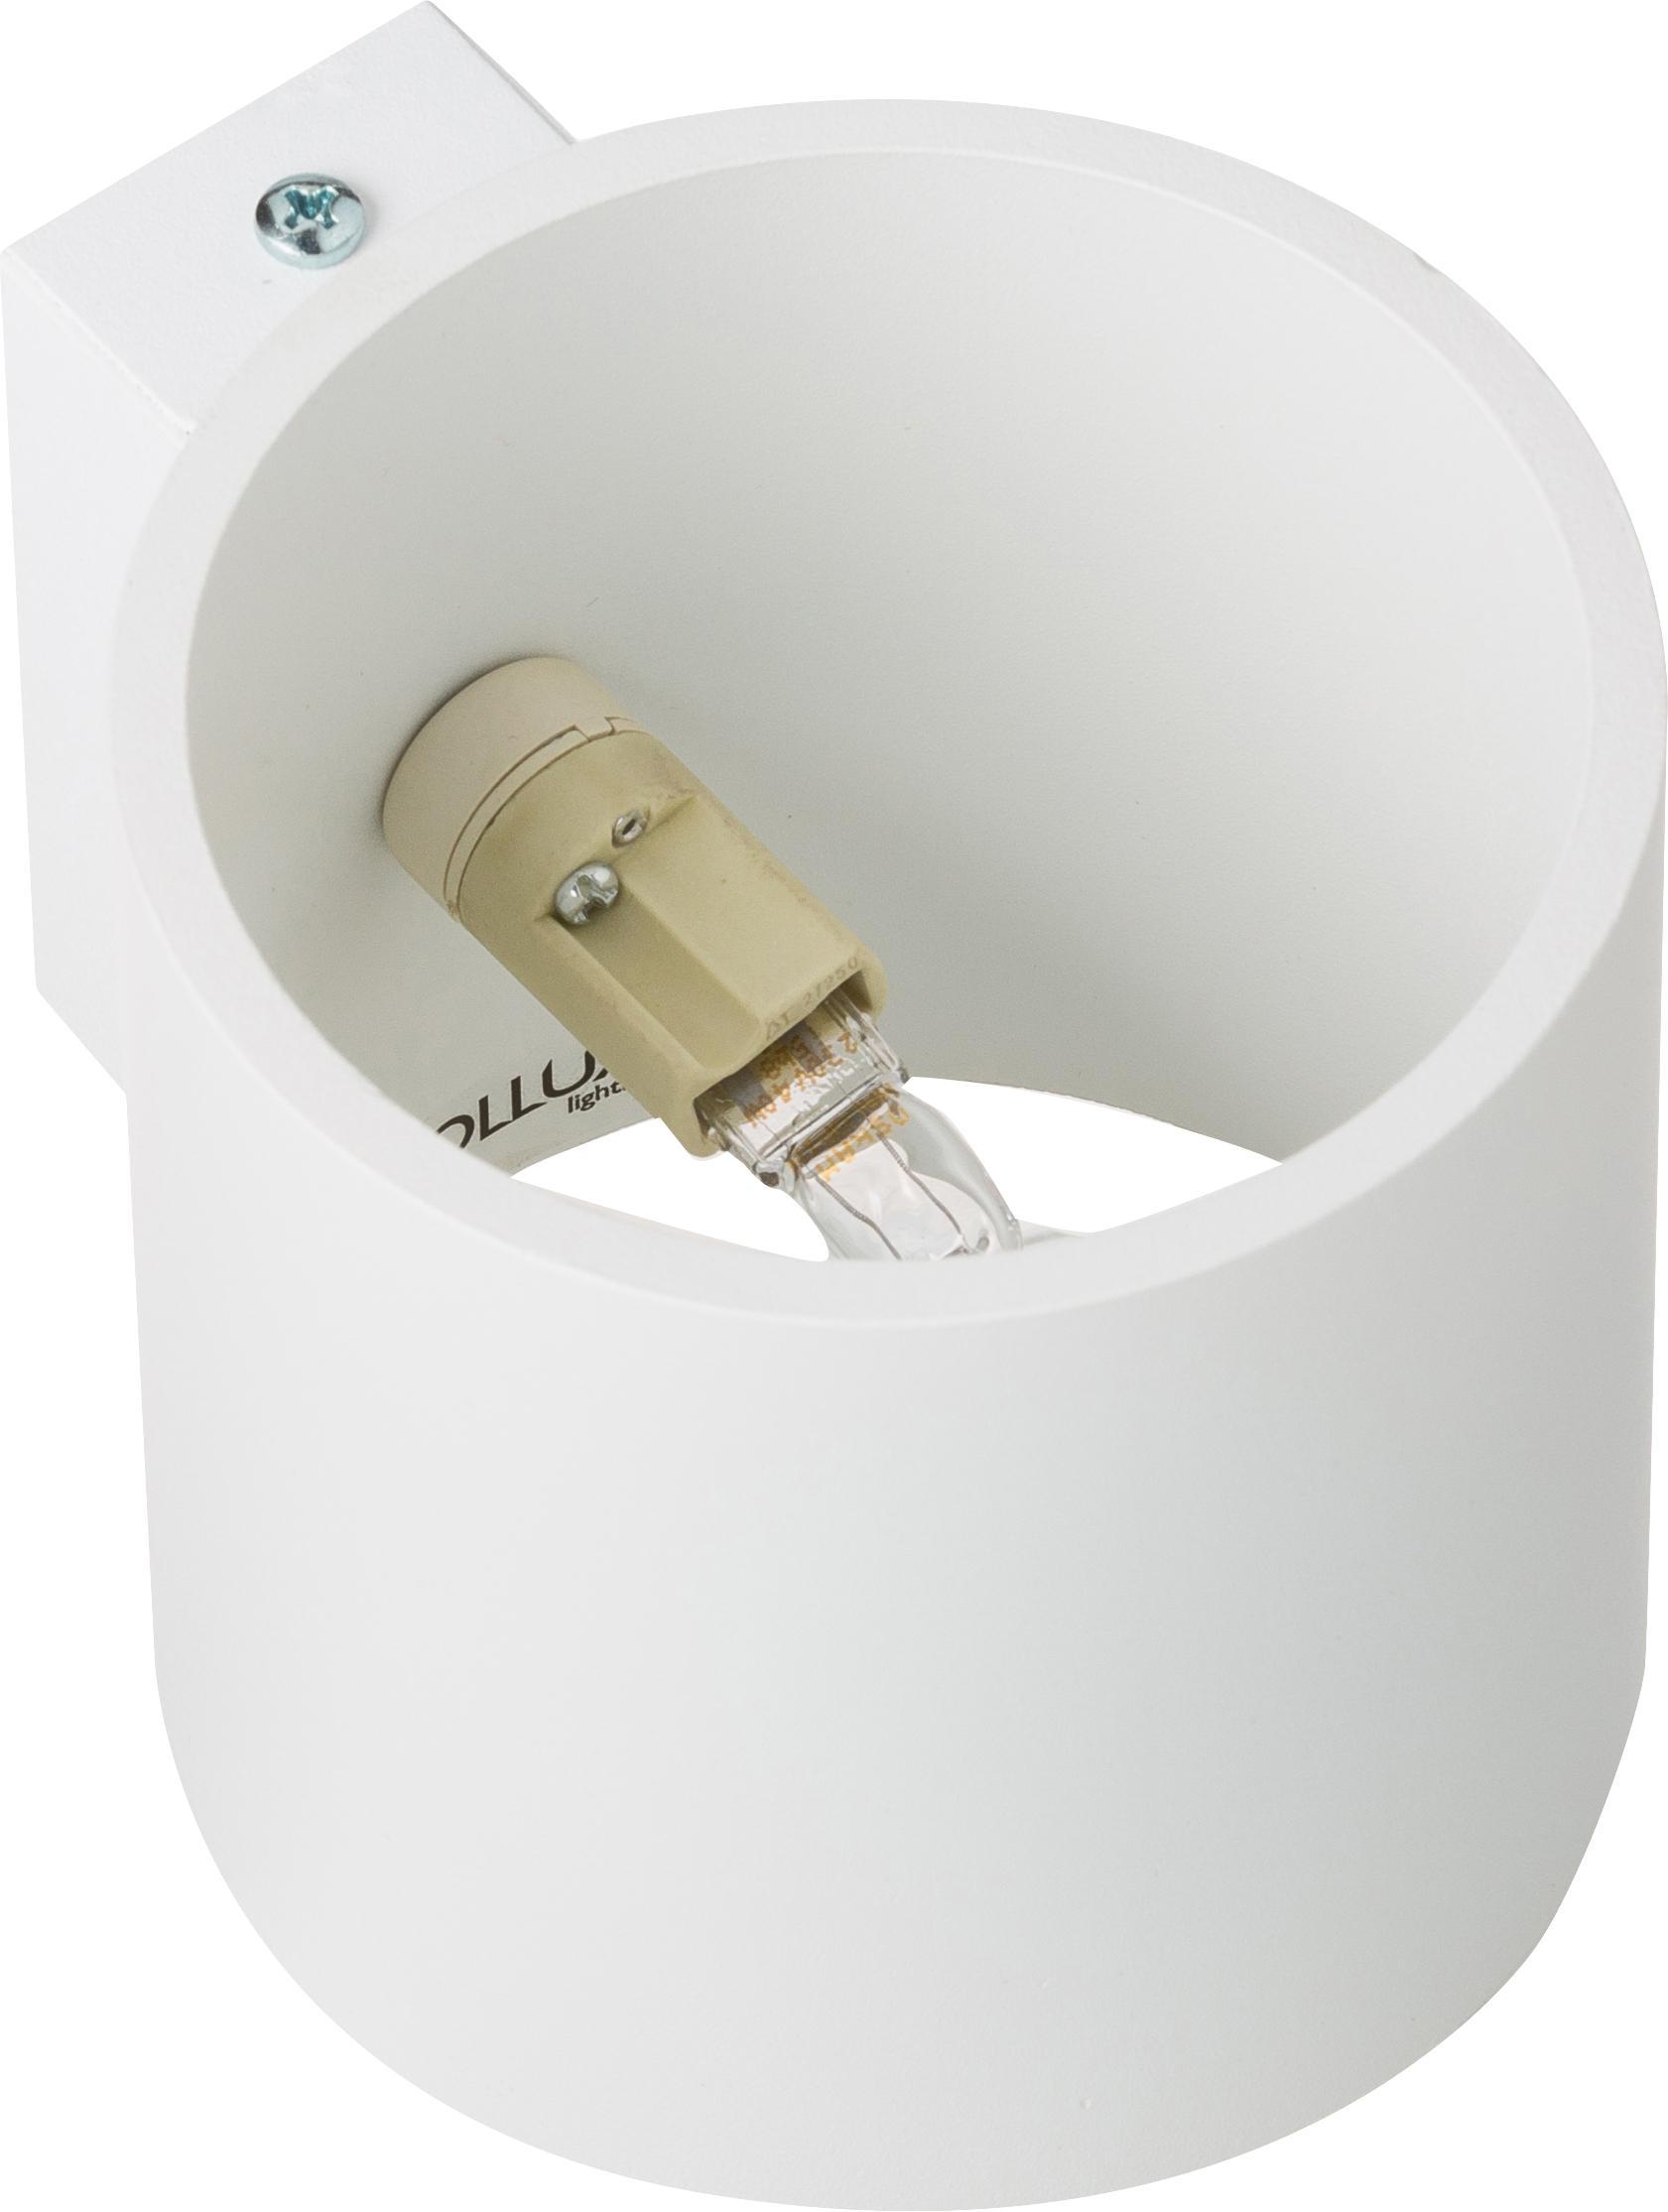 Applique Roda, Alluminio verniciato a polvere, Bianco, Larg. 10 x Alt. 10 cm